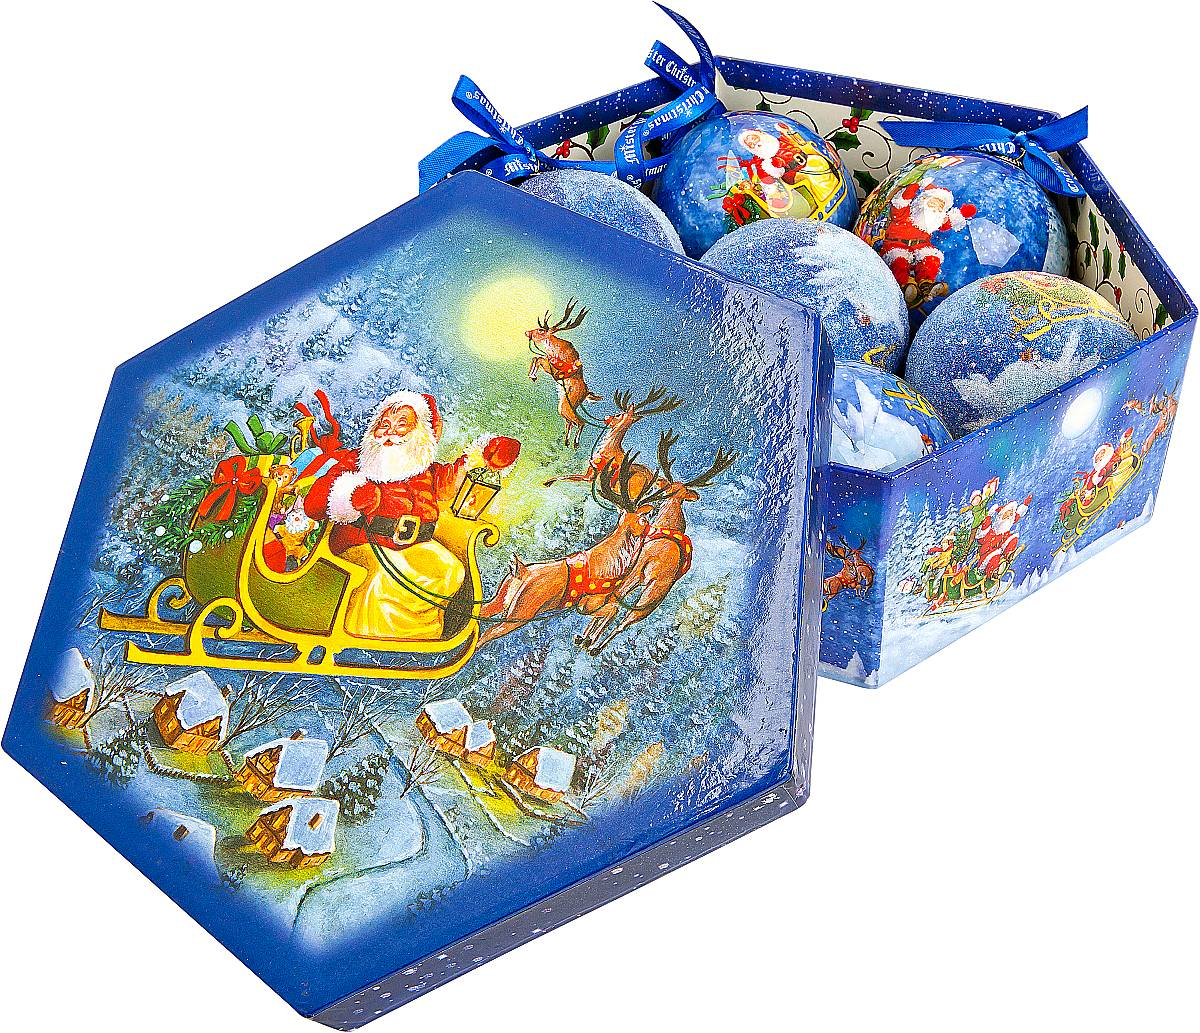 Набор новогодних подвесных украшений Mister Christmas Папье-маше, диаметр 7,5 см, 7 шт. PM-45-797775318Набор Mister Christmas Папье-маше состоит из 7 подвесных украшений ручной работы, изготовленные в технике папье-маше. Такие шары очень легкие, но в то же время удивительно прочные. На создание одной такой игрушки уходит несколько дней. И в результате получается настоящее произведение искусства! Все изделия оснащены атласной ленточкой с логотипом бренда Mister Christmas для подвешивания. Такие украшения станут превосходным подарком к Новому году, а так же дополнят коллекцию оригинальных новогодних елочных игрушек.